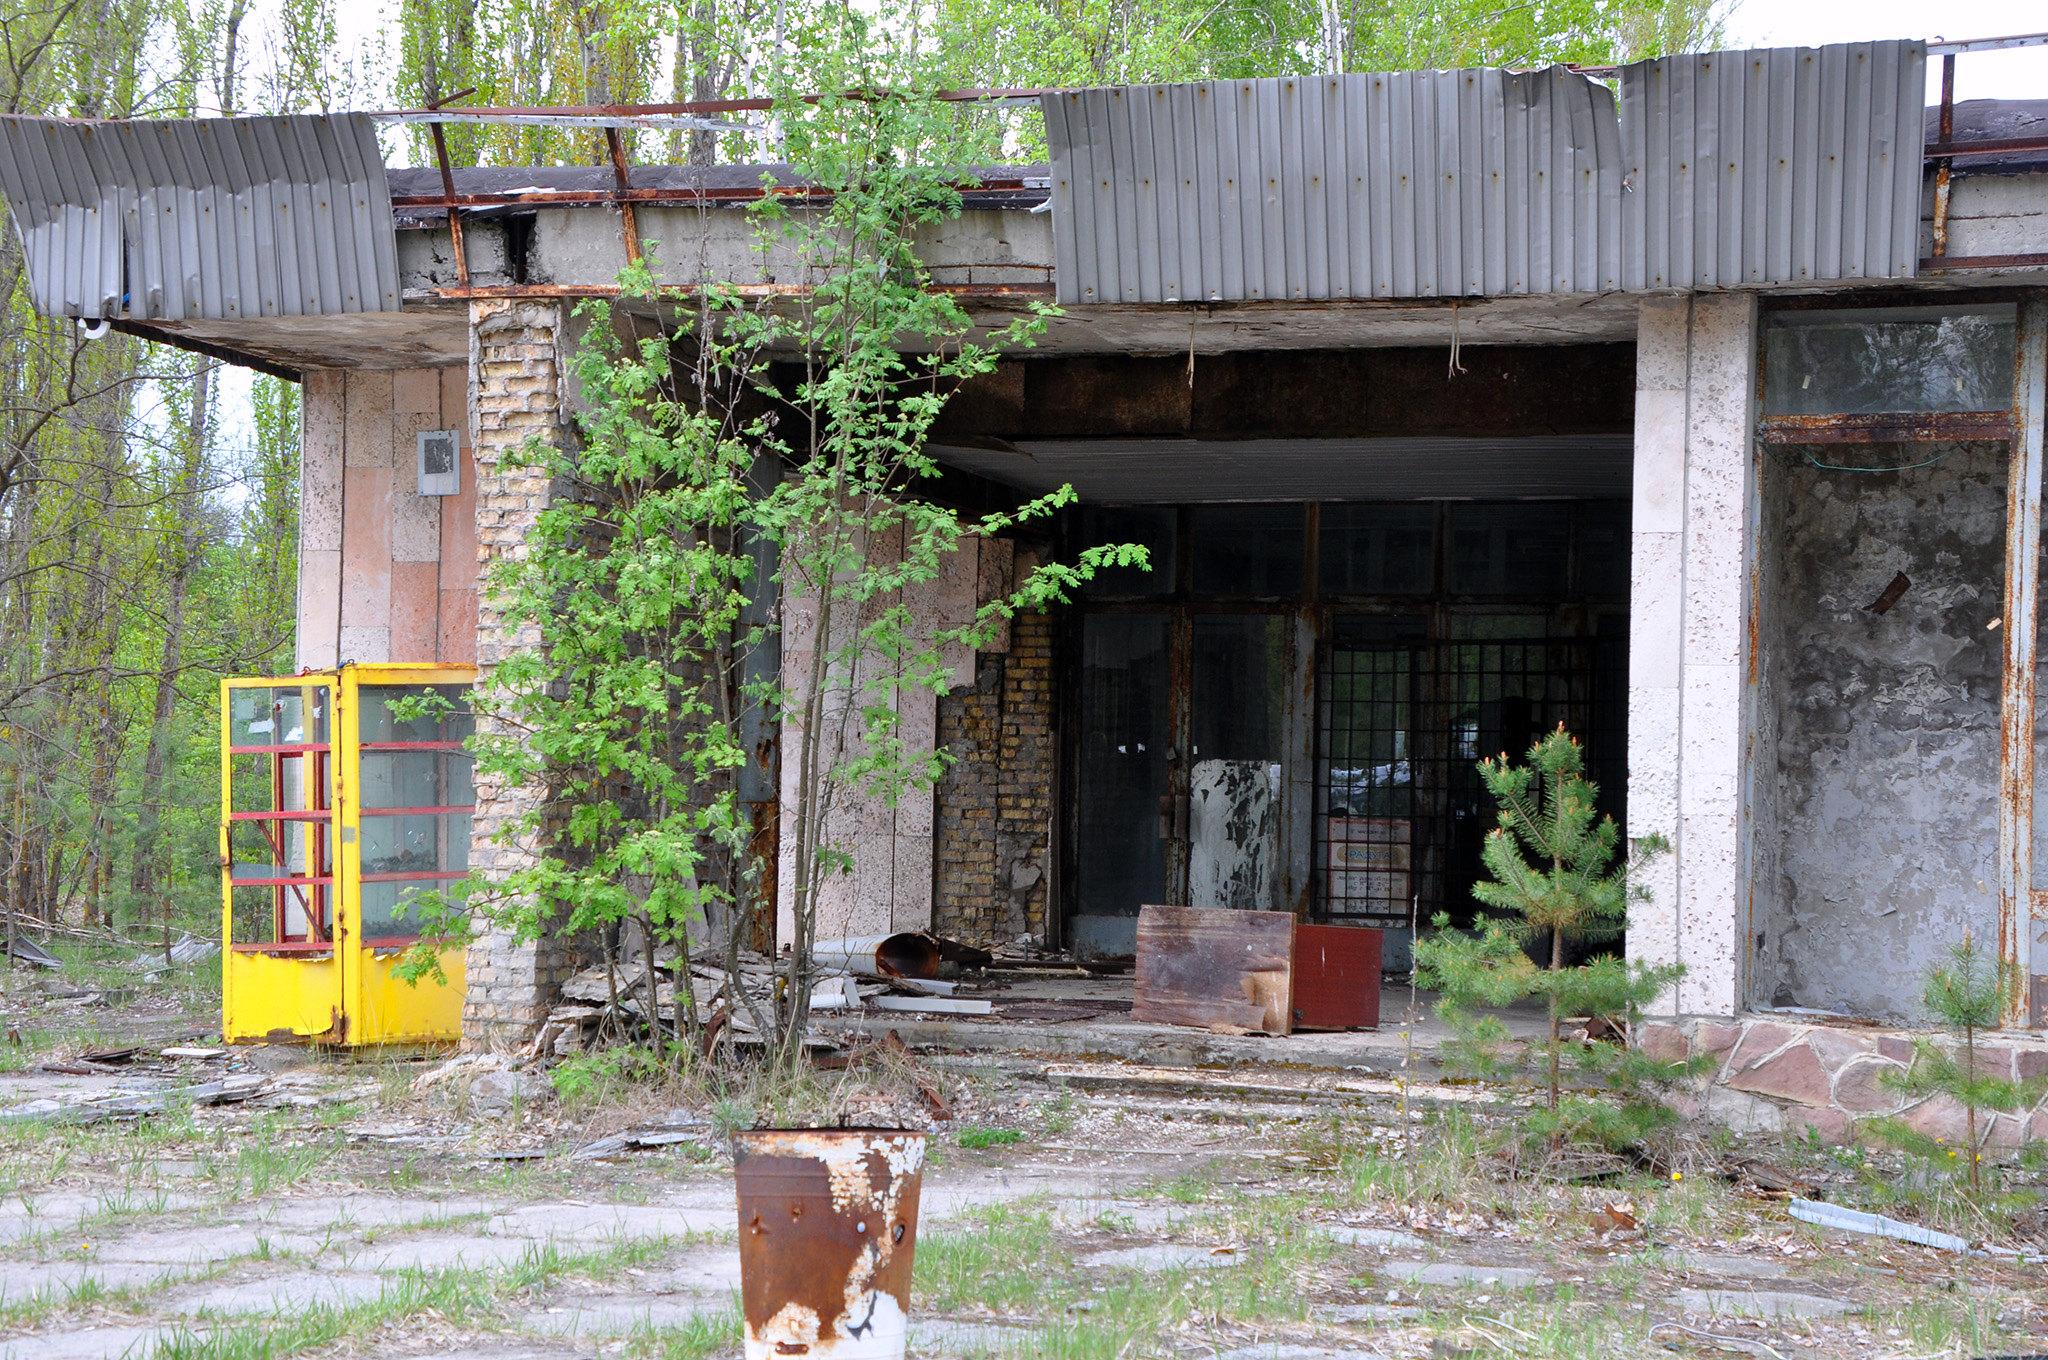 Visitar Chernóbil - Visitar Chernobyl Ucrania Ukraine Pripyat visitar chernóbil - 47045826684 af661a19c9 k - Visitar Chernóbil: el lugar más contaminado del planeta